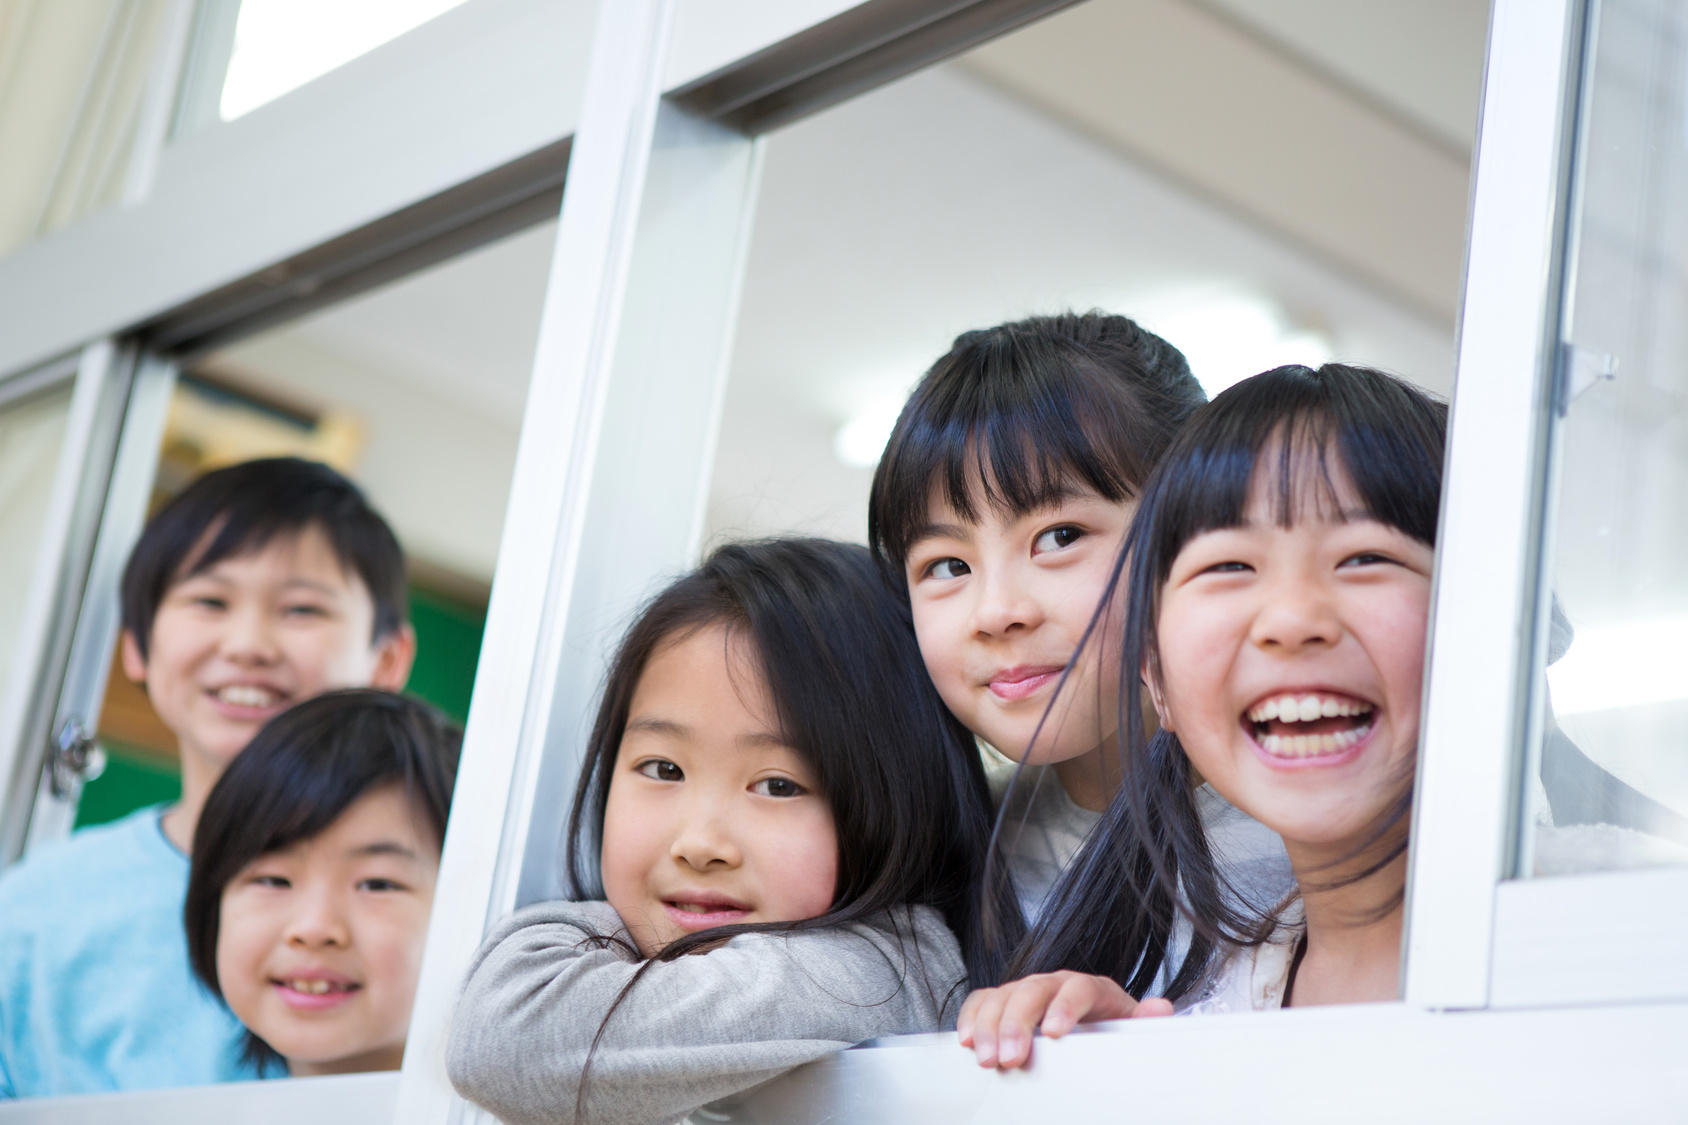 窓から顔を出す小学生